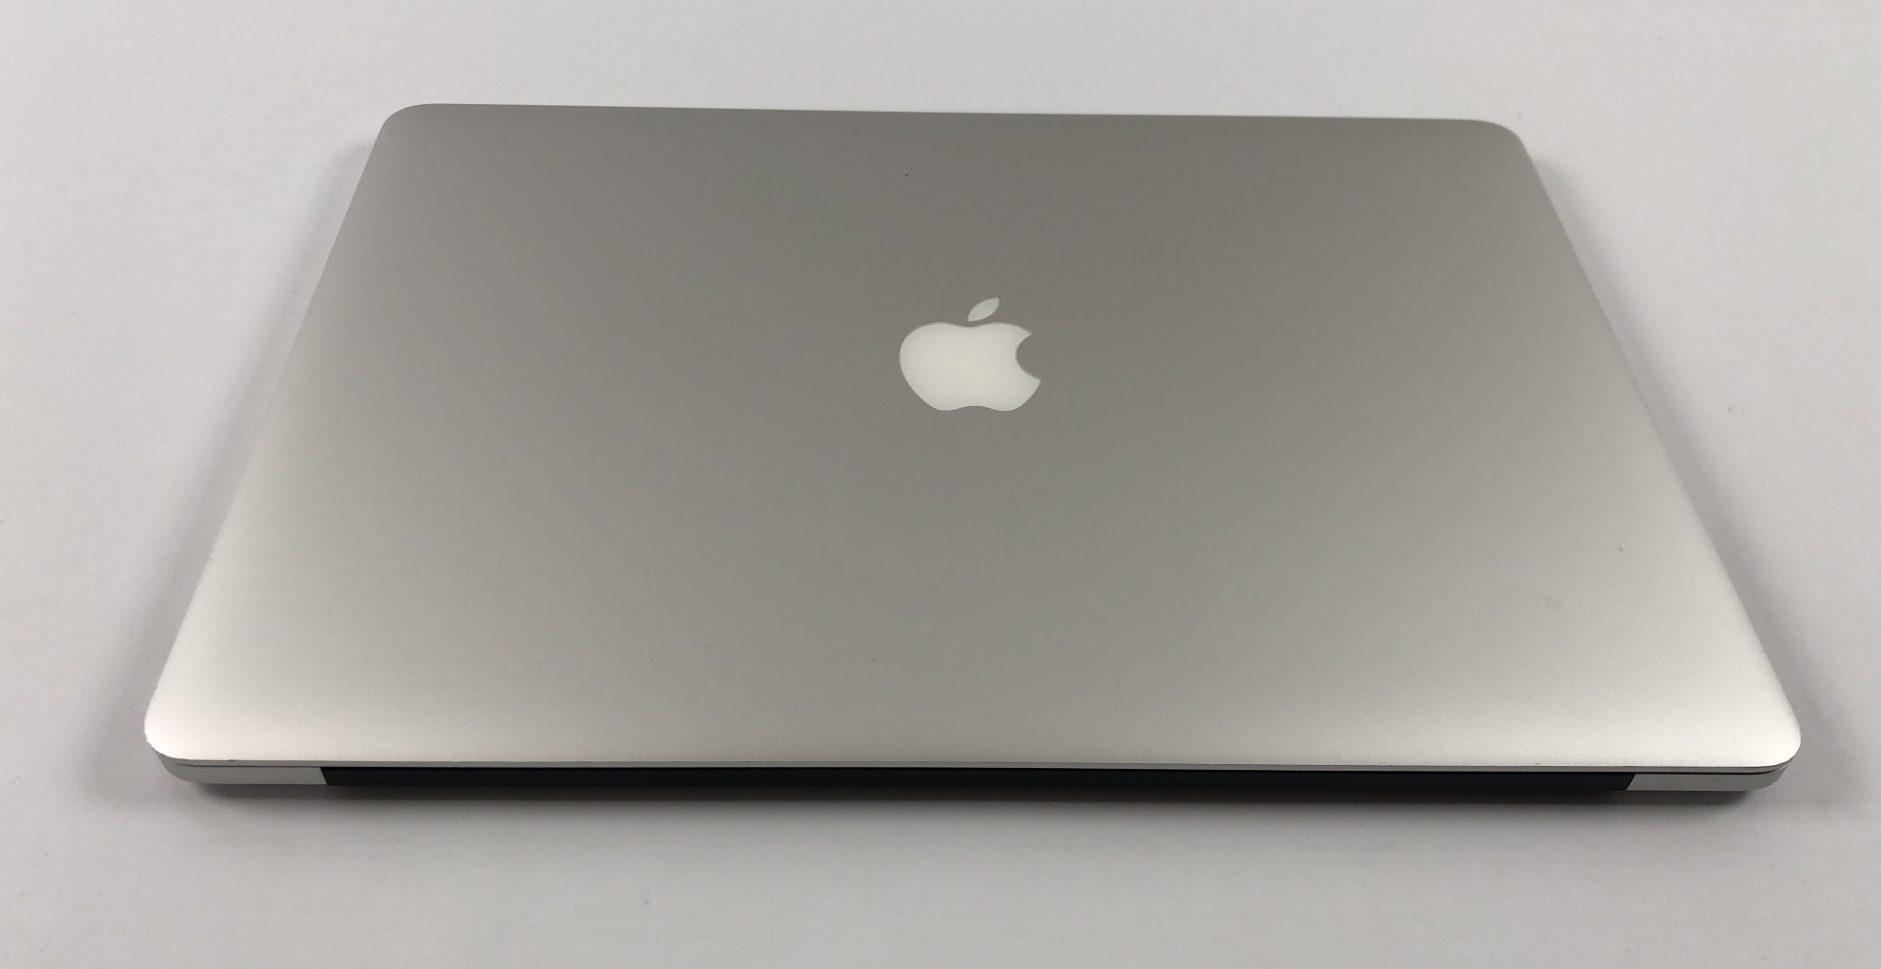 """MacBook Pro Retina 15"""" Mid 2015 (Intel Quad-Core i7 2.8 GHz 16 GB RAM 512 GB SSD), Intel Quad-Core i7 2.8 GHz, 16 GB RAM, 512 GB SSD, Afbeelding 2"""